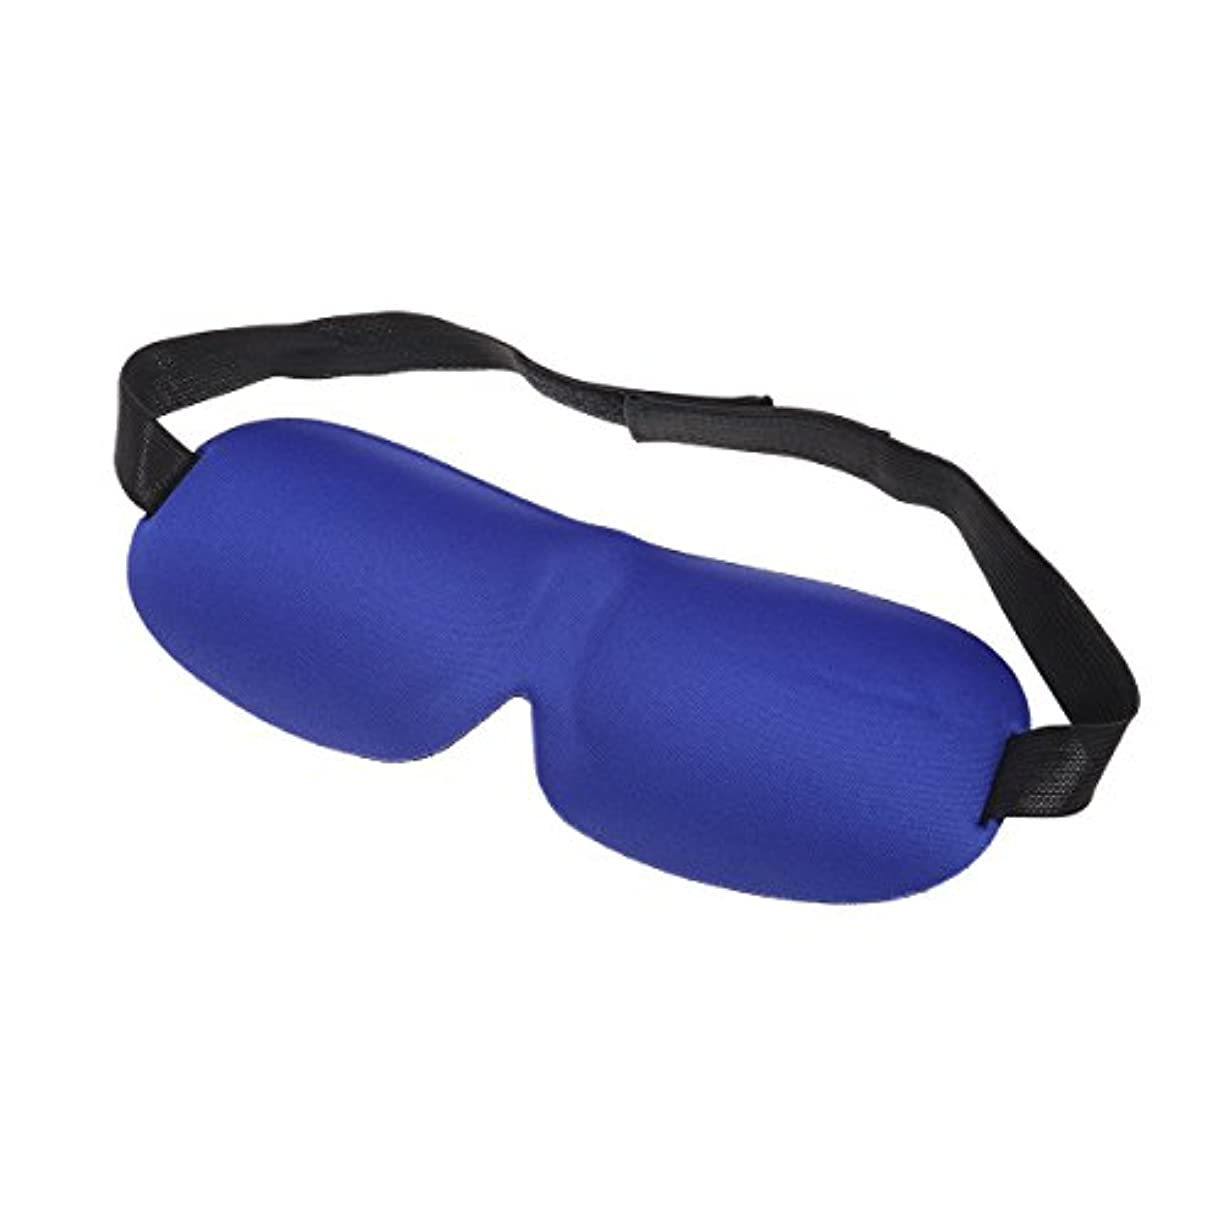 回るそれに応じて電気ROSENICE アイマスク 遮光 睡眠 軽量 目隠し 圧迫感なし 調節可能 3D睡眠マスク(ブルー)